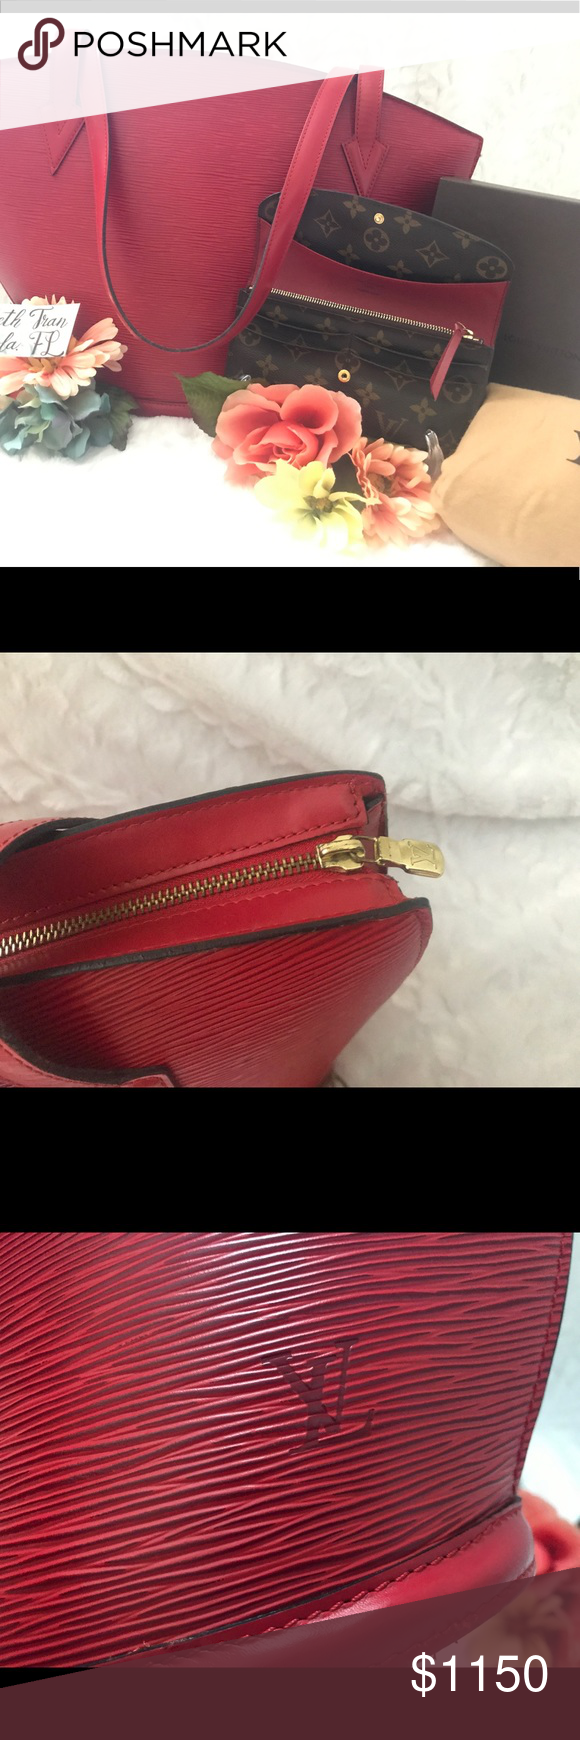 a49aac23ef83 Messenger Bags. Louis Vuitton Monogram. BUNDLE SALE❣️St. Jacques GM and  Emilie Red wallet 💖LV St. Jacques